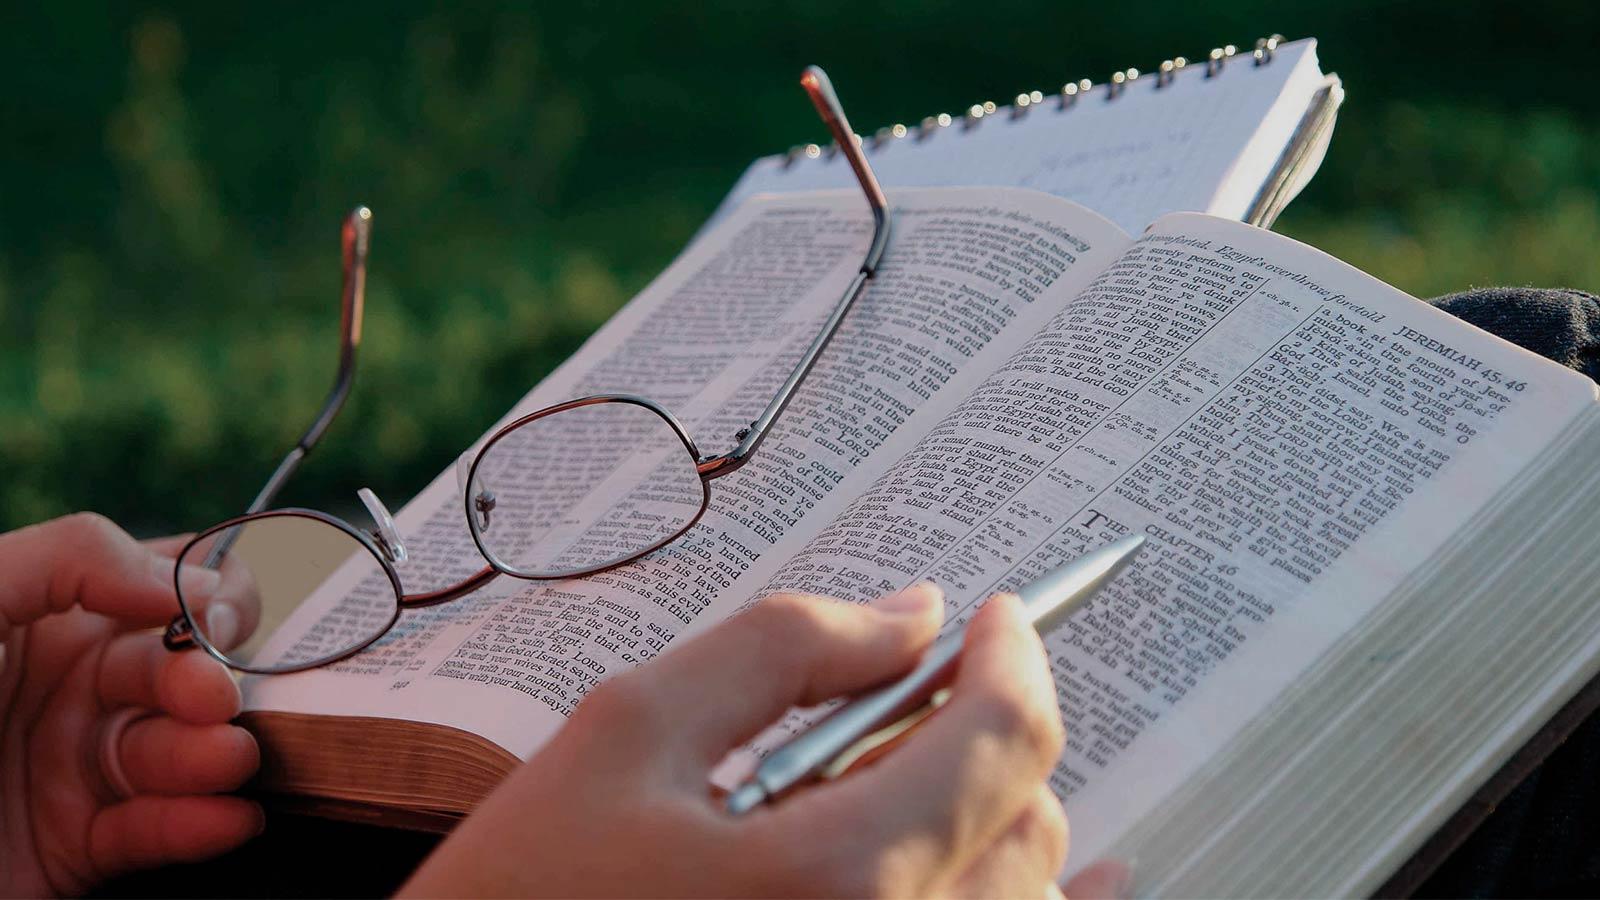 biblia-resignificacion